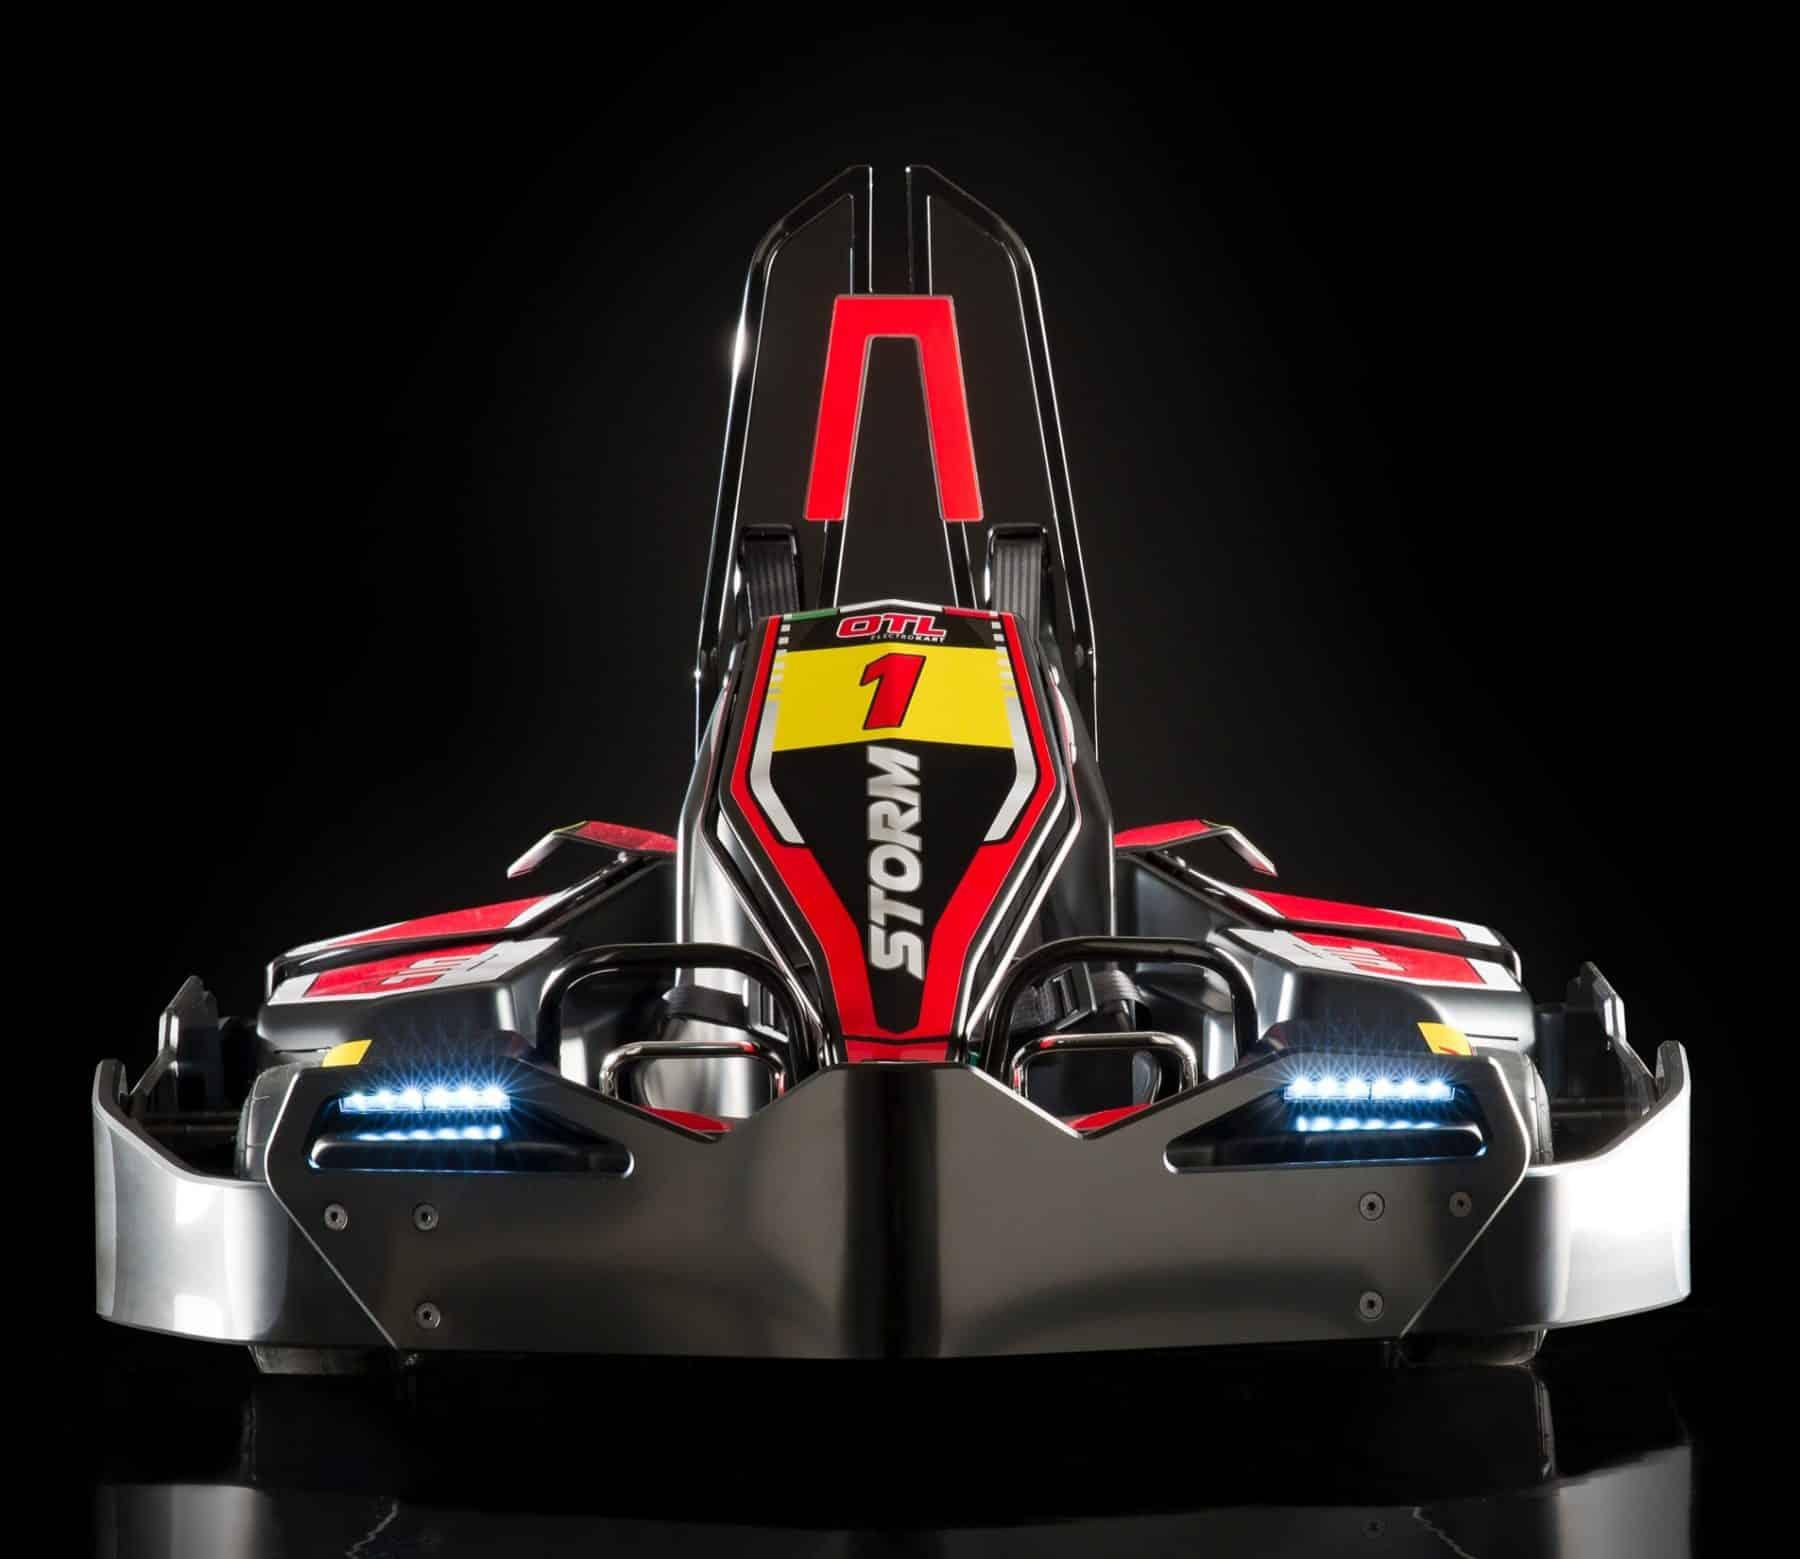 les avantages du karting lectrique imagipark. Black Bedroom Furniture Sets. Home Design Ideas